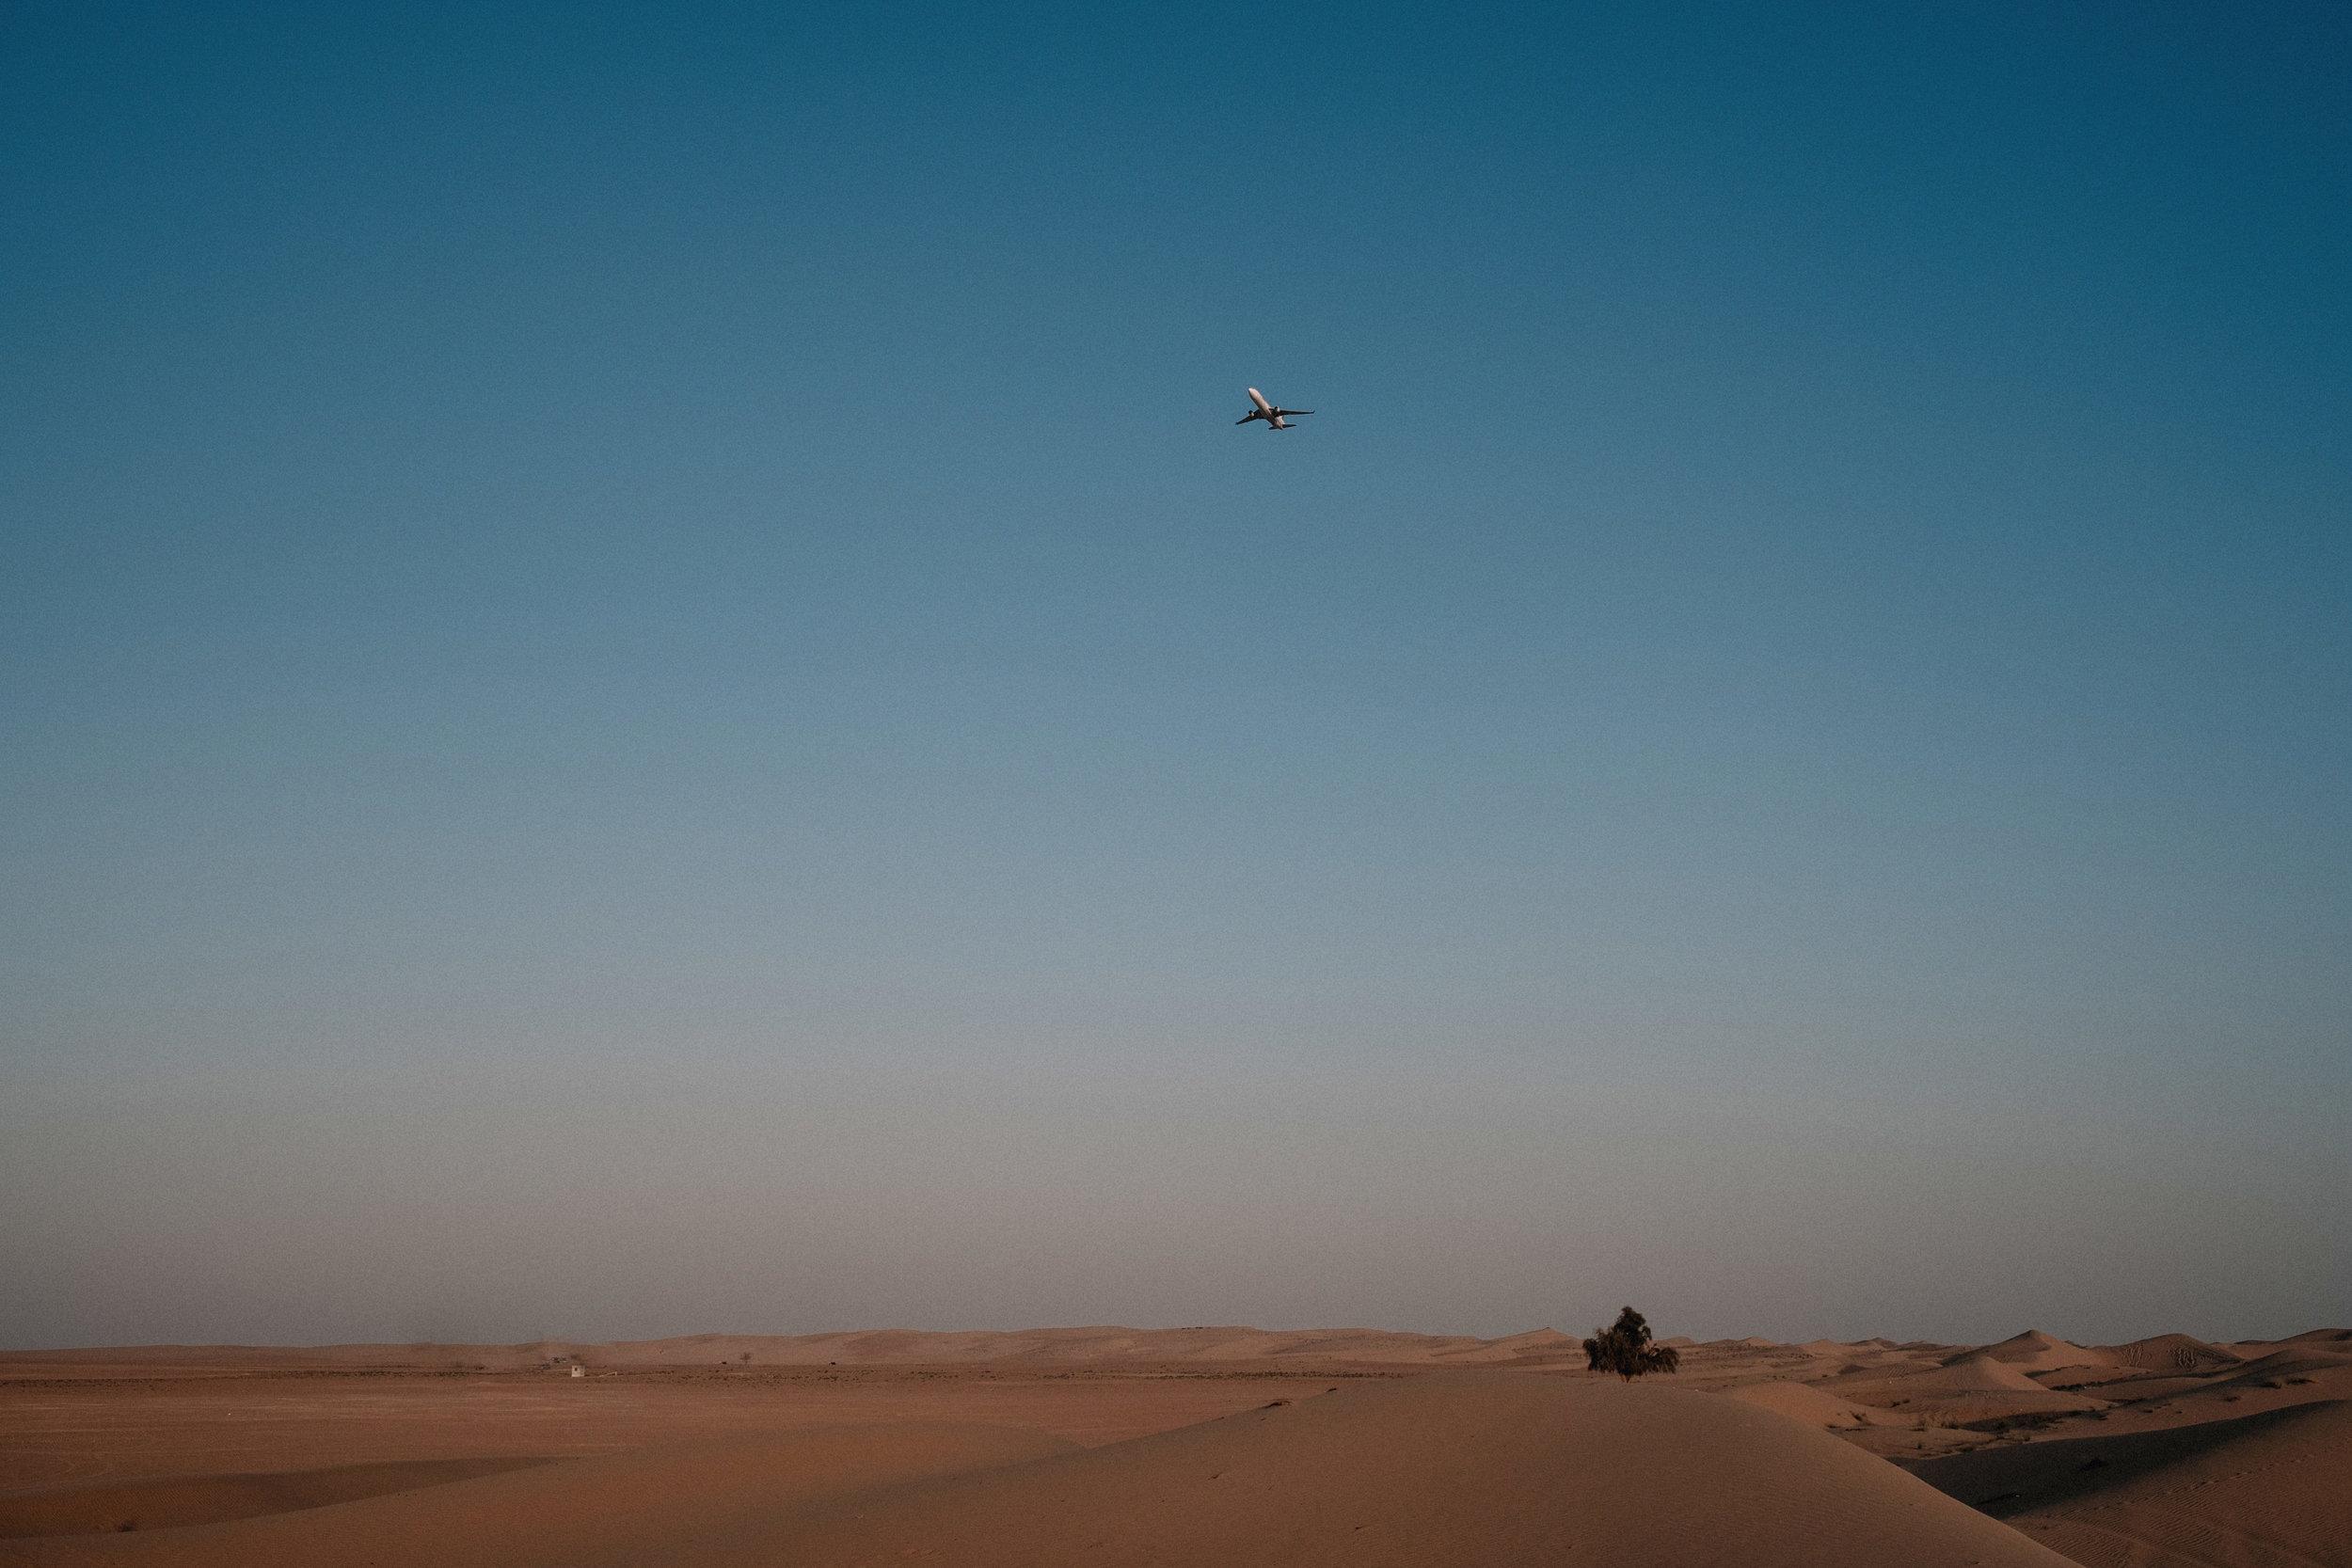 Plan taking off